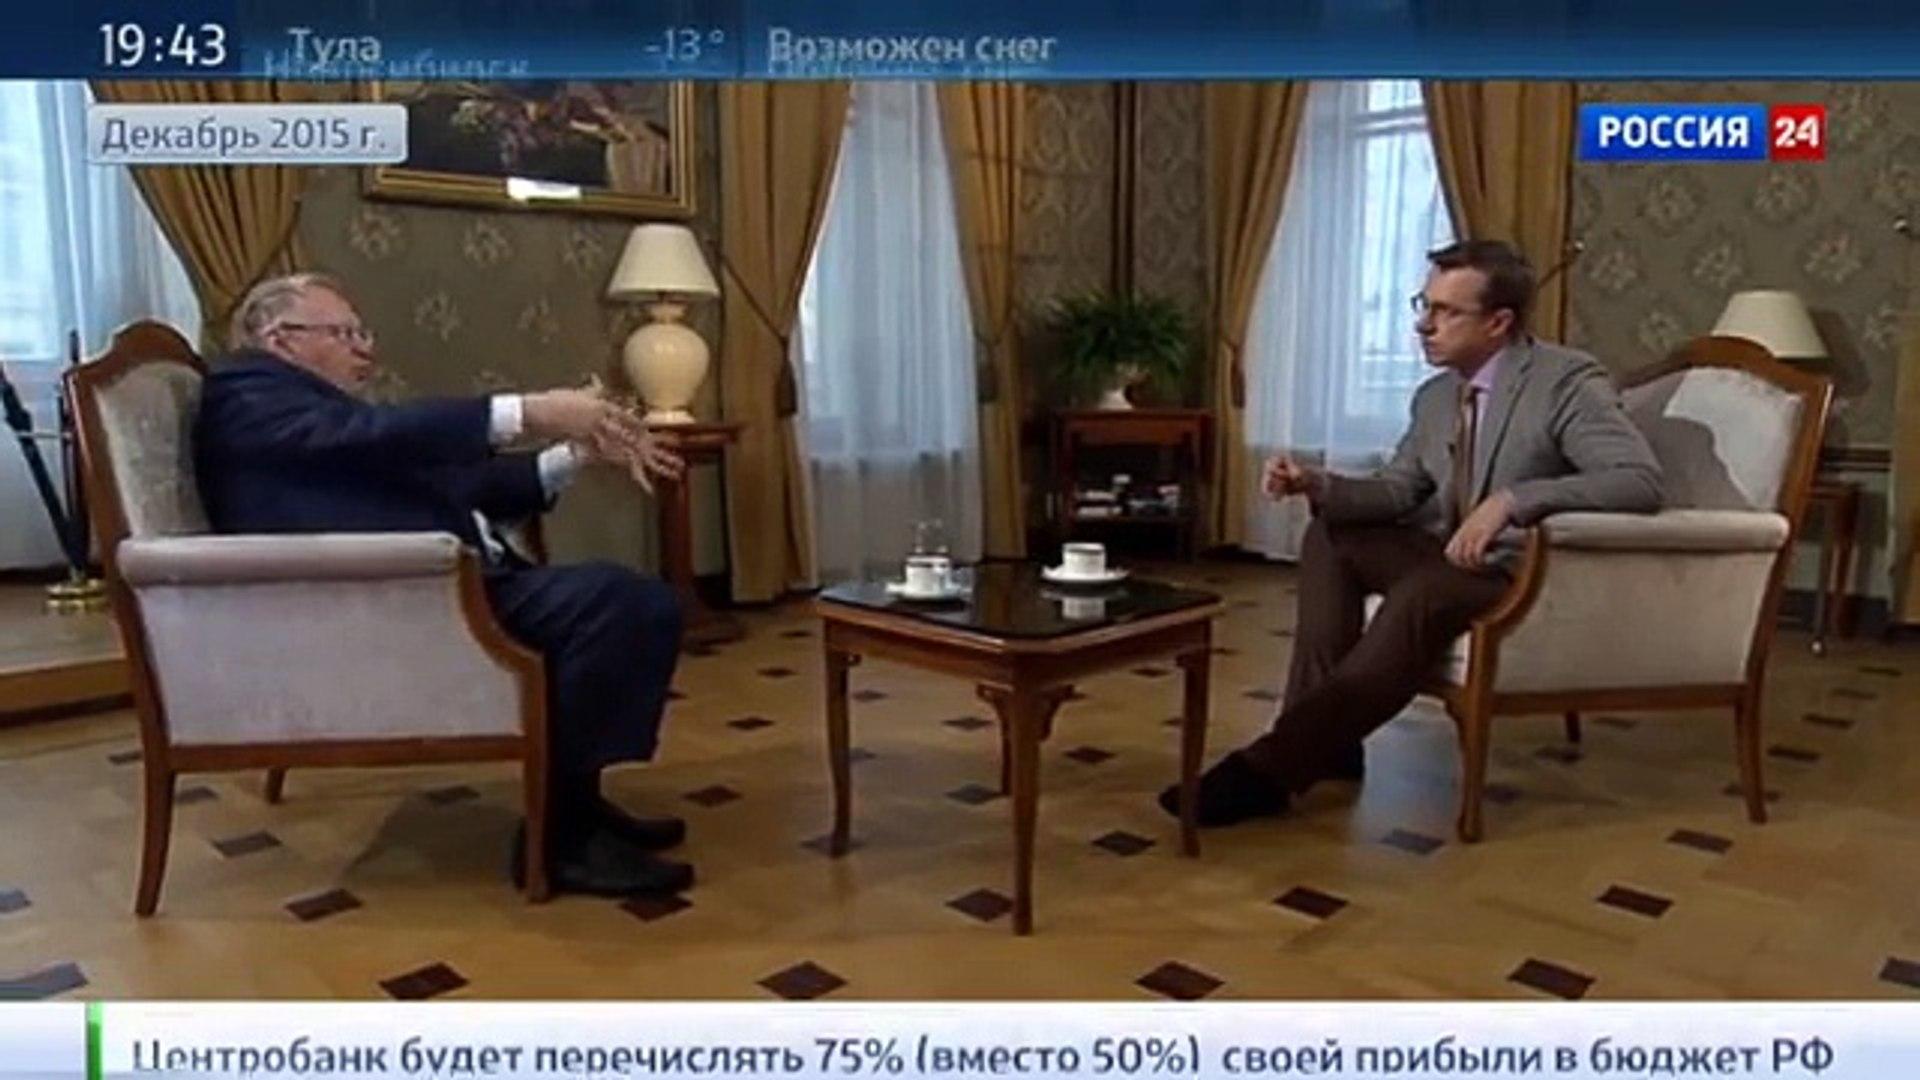 Жириновский: политика в отношении Сирии резко подняла международный авторитет России. video